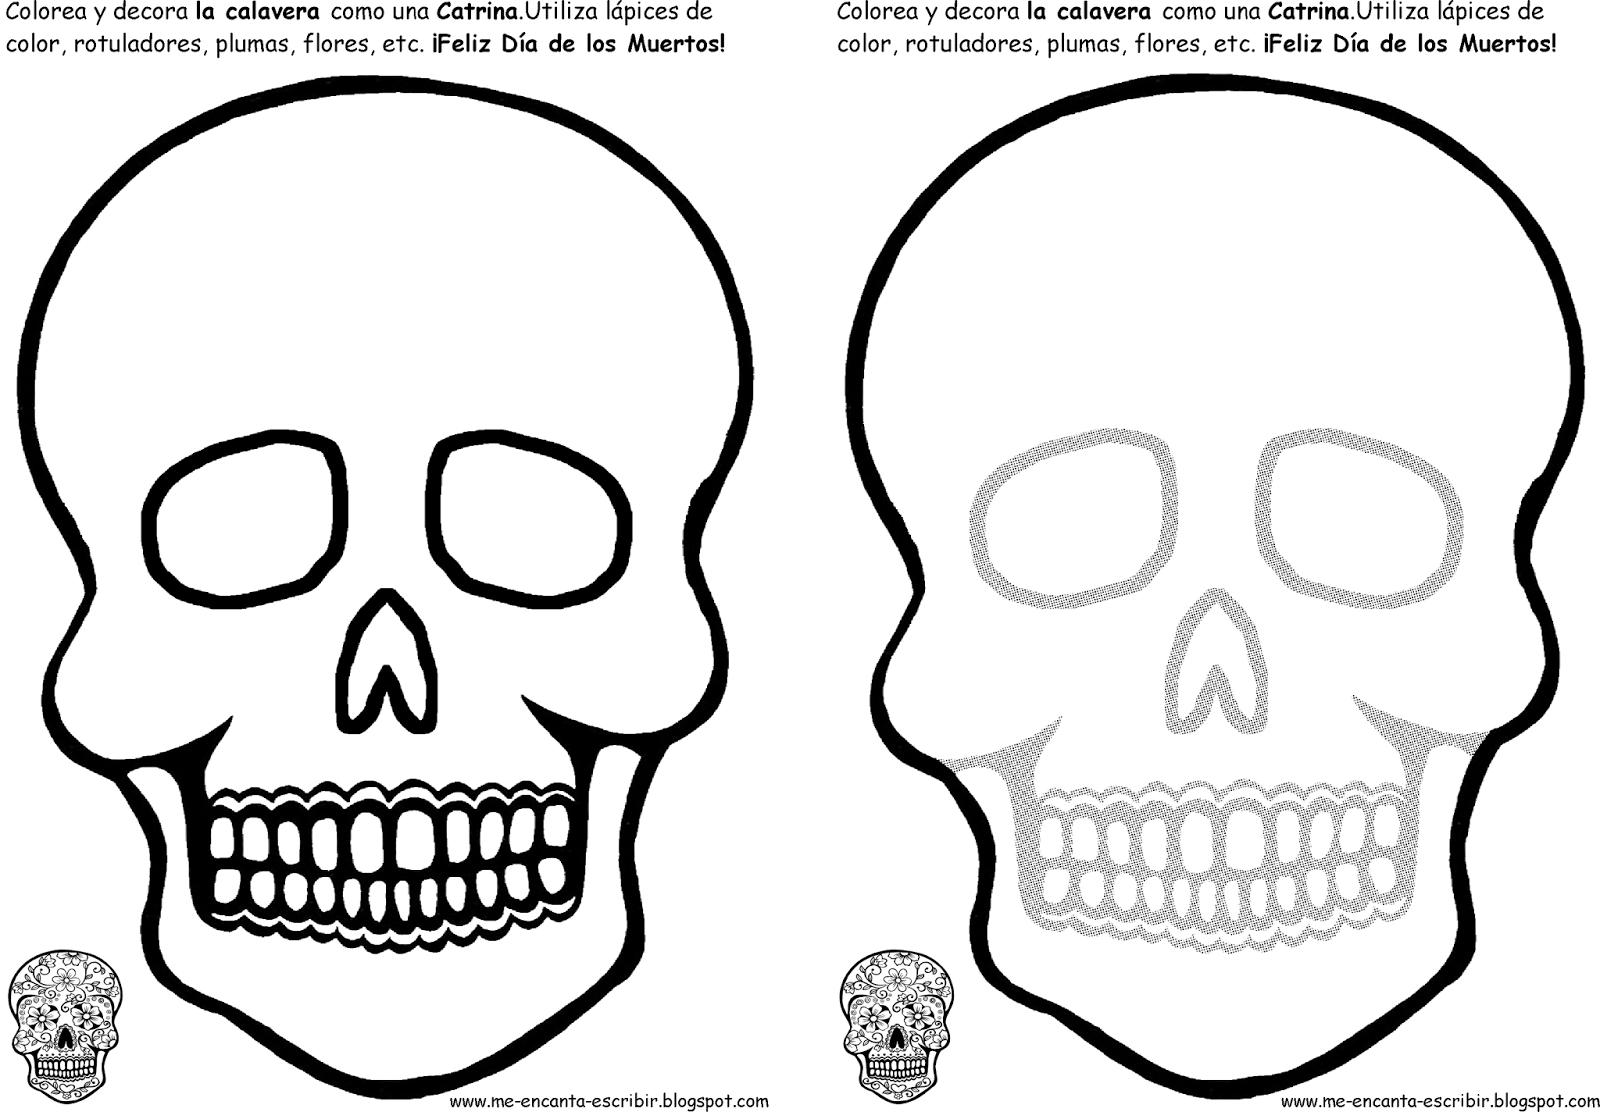 Me encanta escribir en español: El Día de Los Muertos